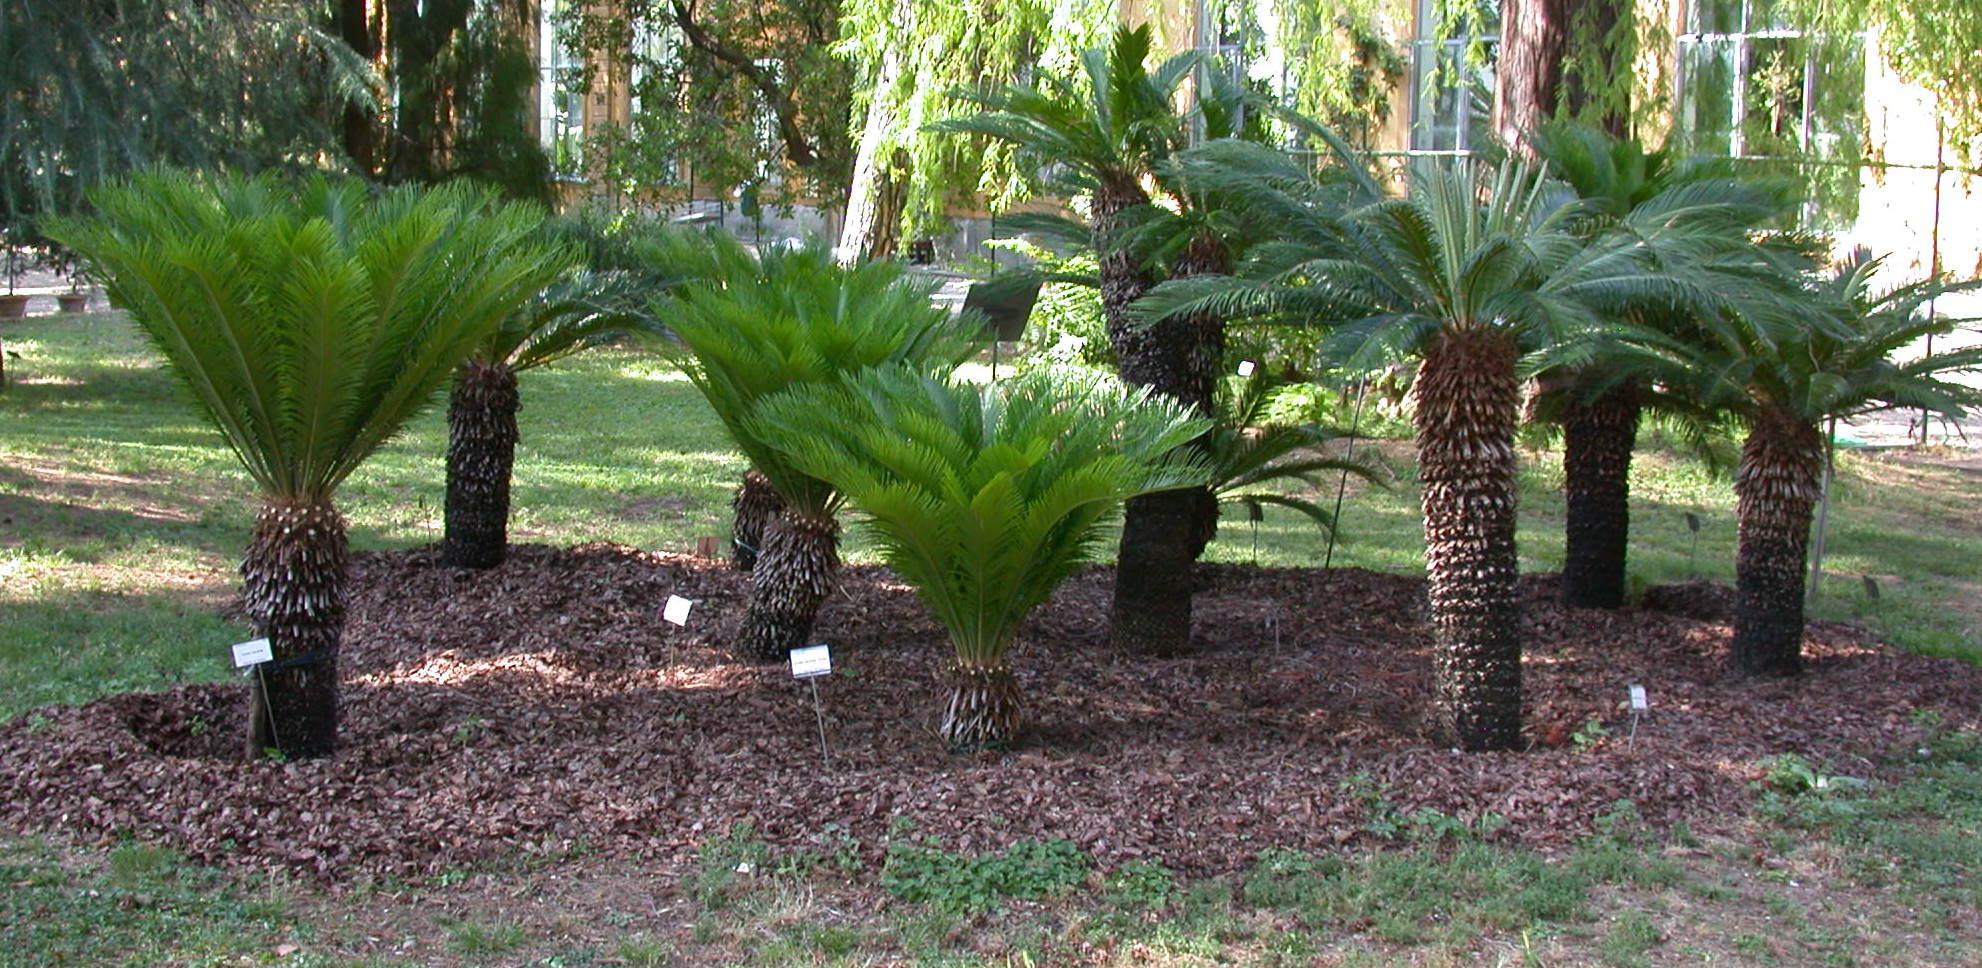 Giardino dei semplici casamia idea di immagine for Giardino orto botanico firenze